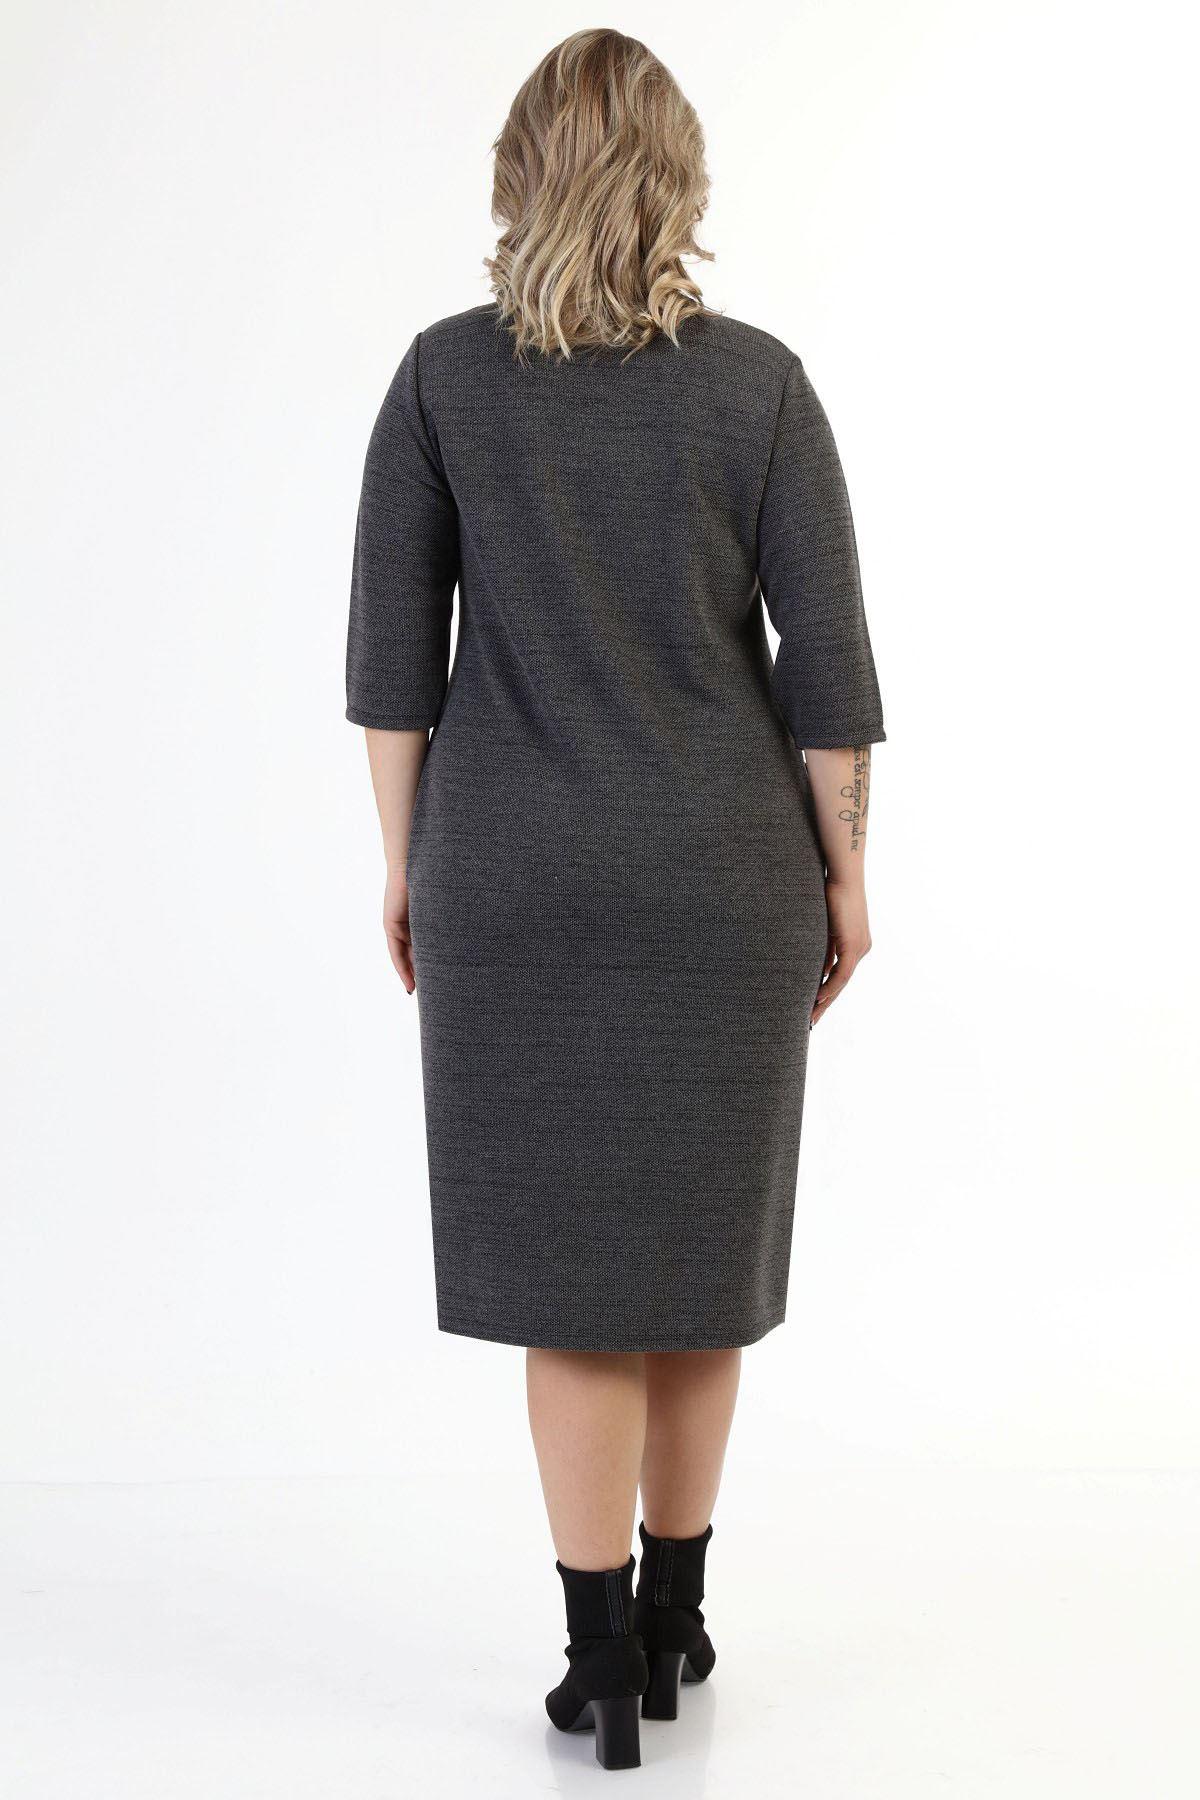 Cepli Esnek Kışlık Büyük Beden Elbise 18C-1623